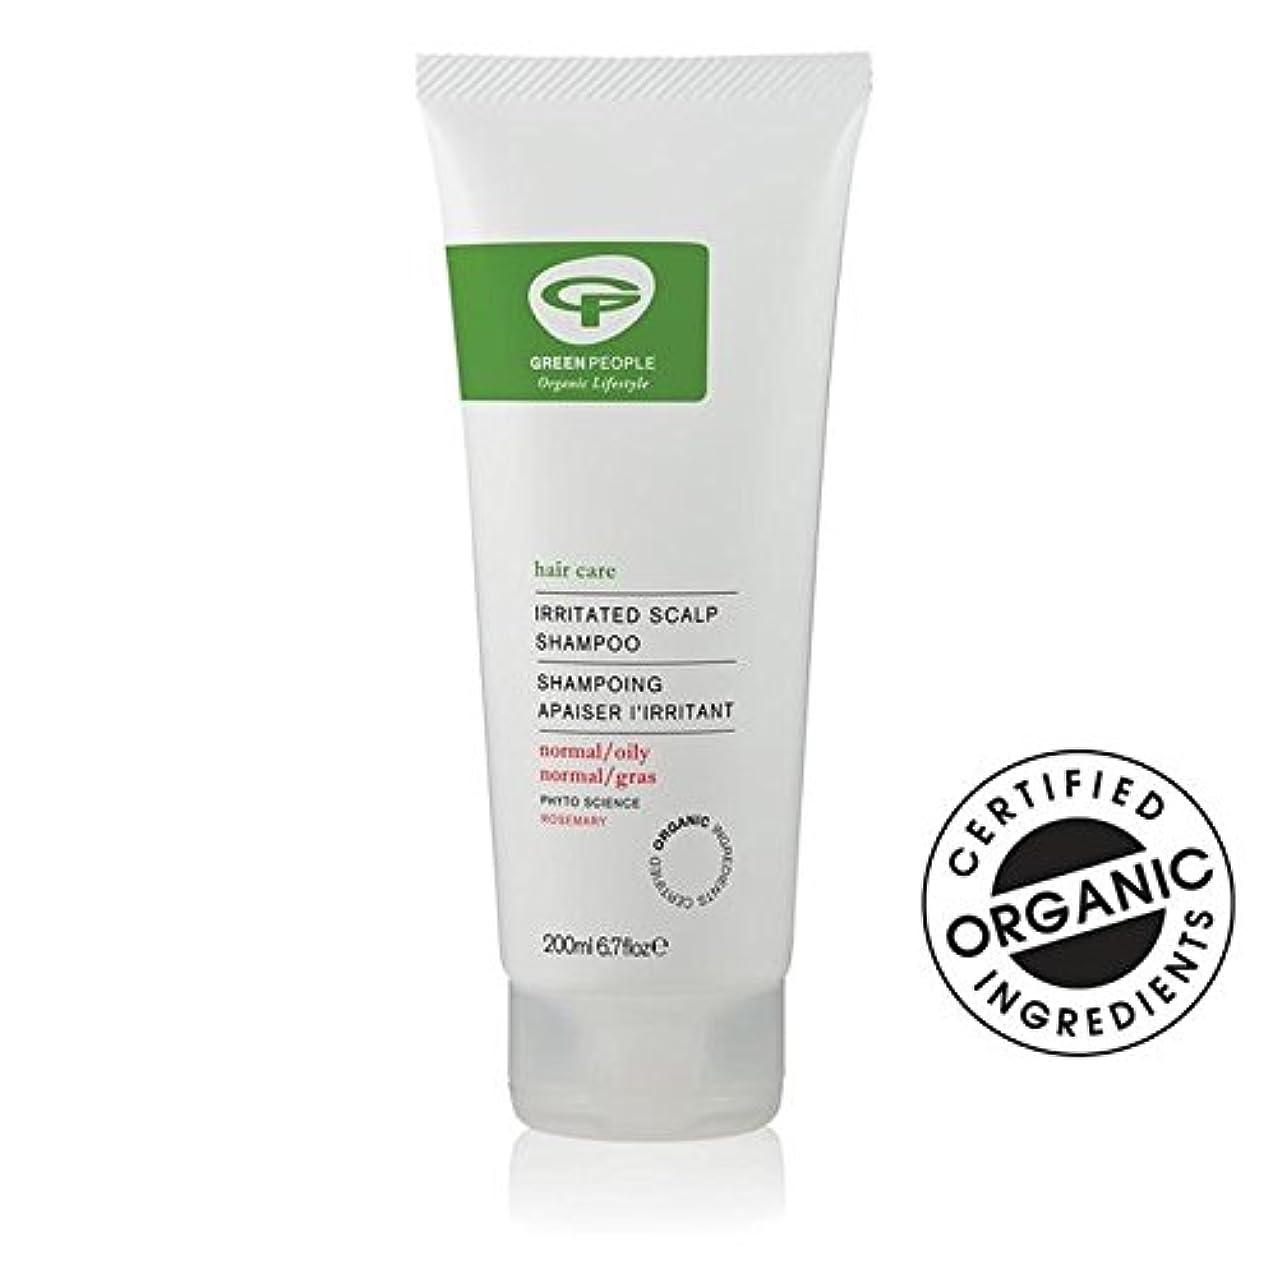 発生するかすれた姿を消すGreen People Irritated Scalp Shampoo 200ml (Pack of 6) - 緑の人々イライラ頭皮シャンプー200ミリリットル x6 [並行輸入品]